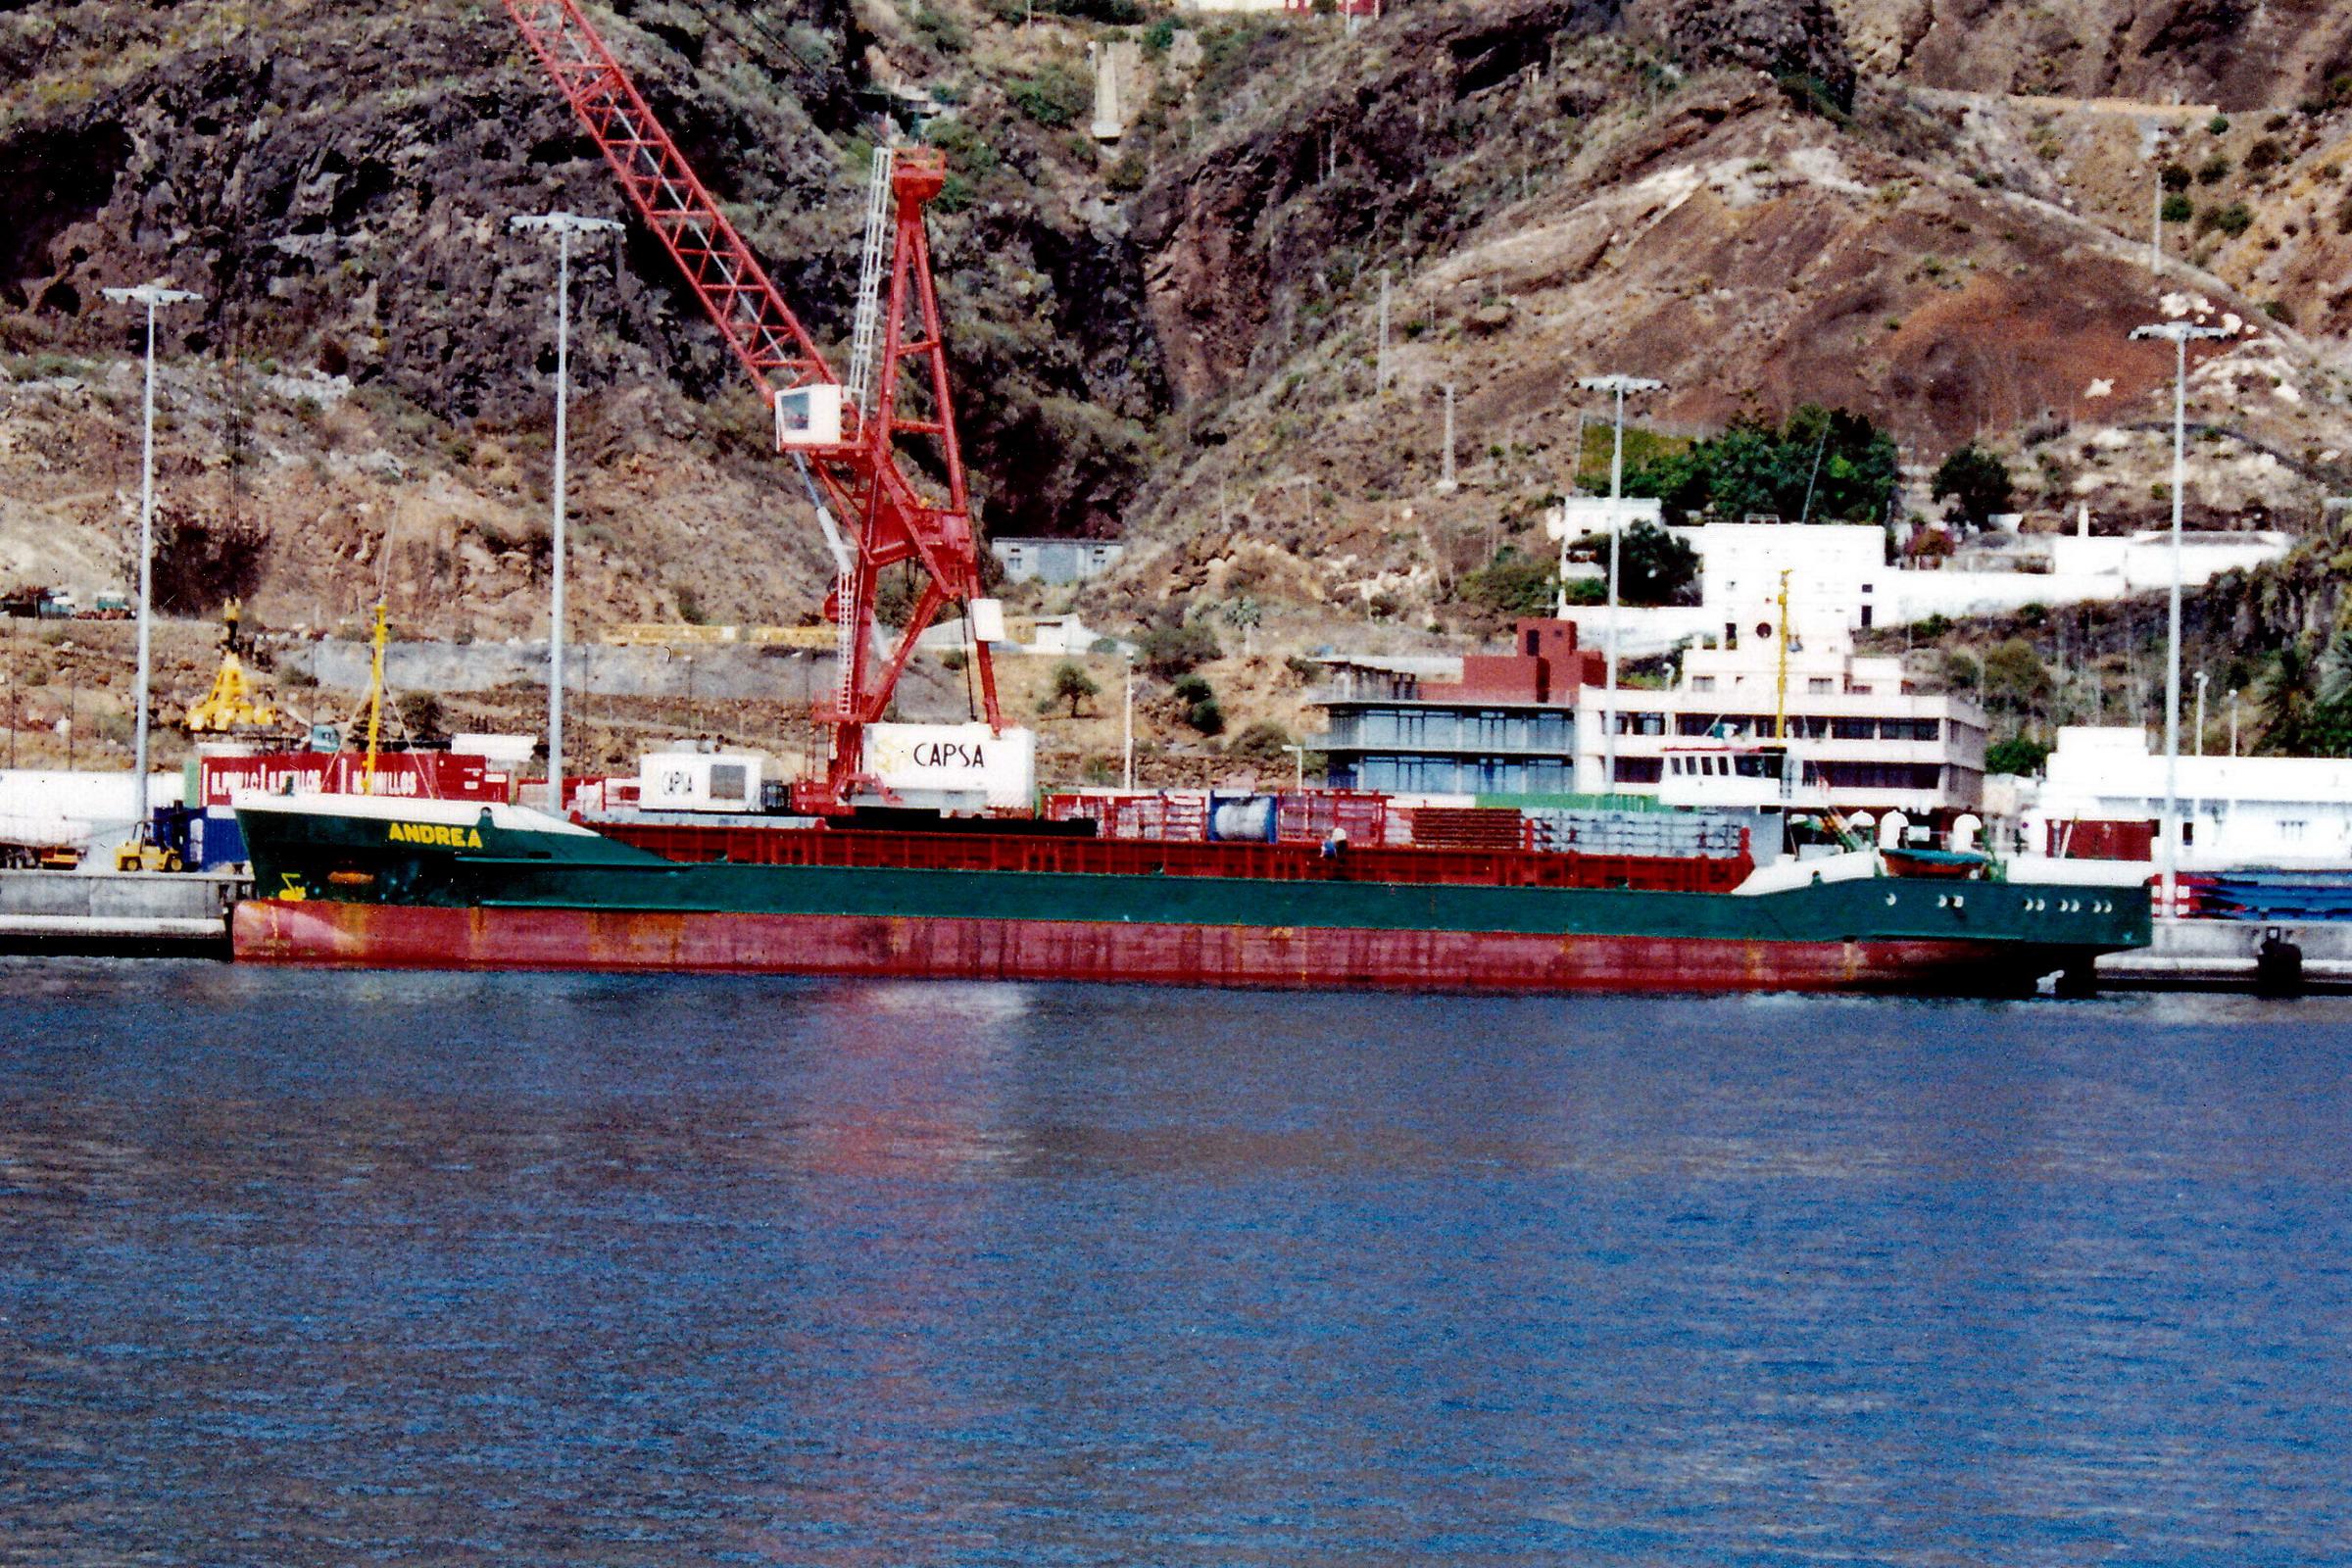 ANDREA_8104591_©Jorge_L._Henríquez_Hernández._27_septiembre_2002._Primera_escala_(2)